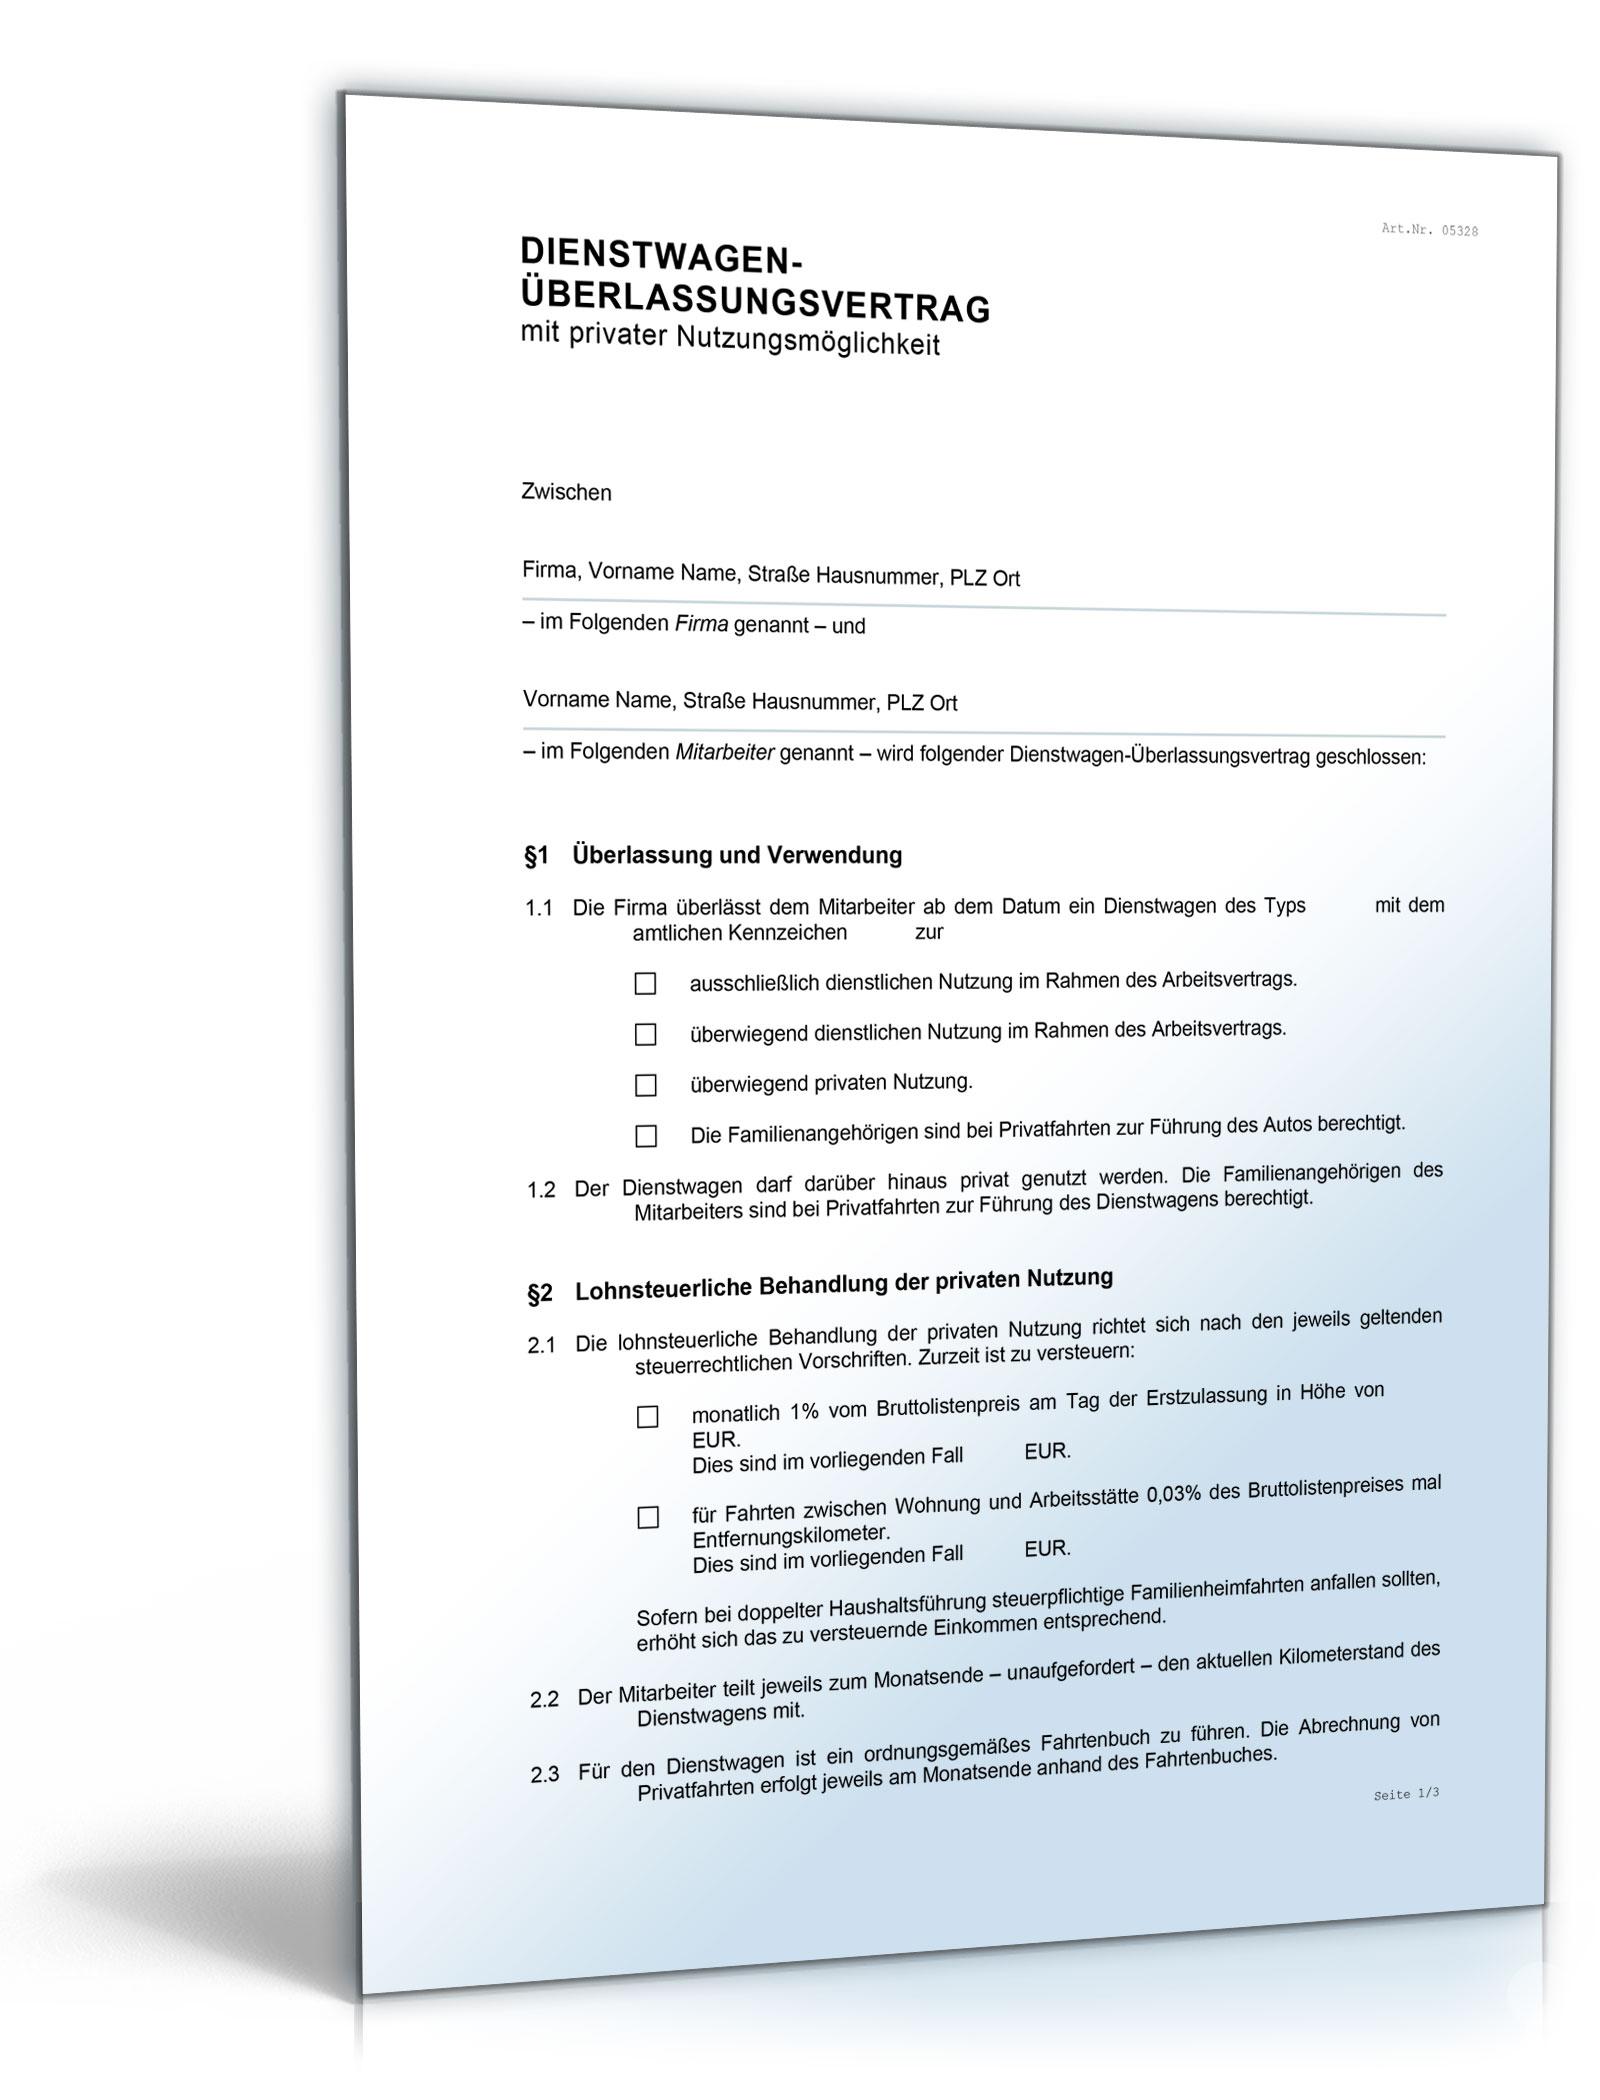 Dienstwagen-Überlassungsvertrag